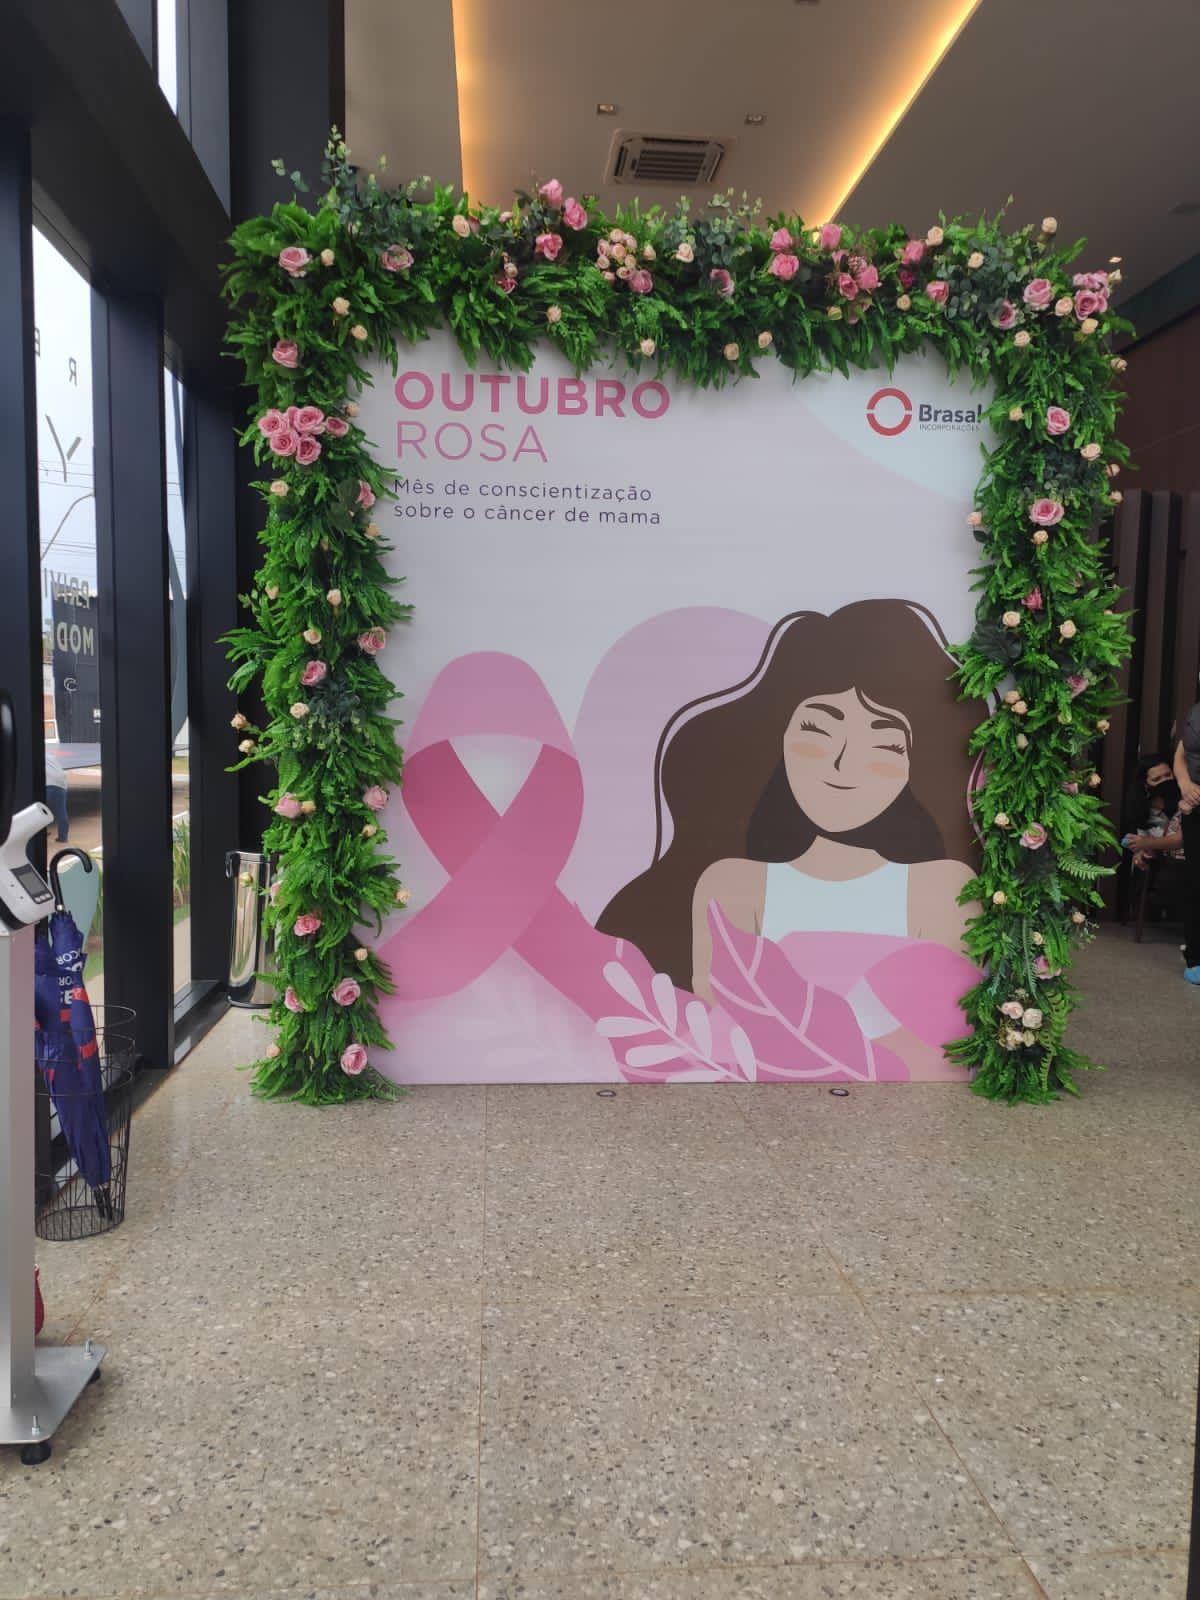 Brasal Incorporações promove palestras sobre câncer de mama em seus canteiros de obras